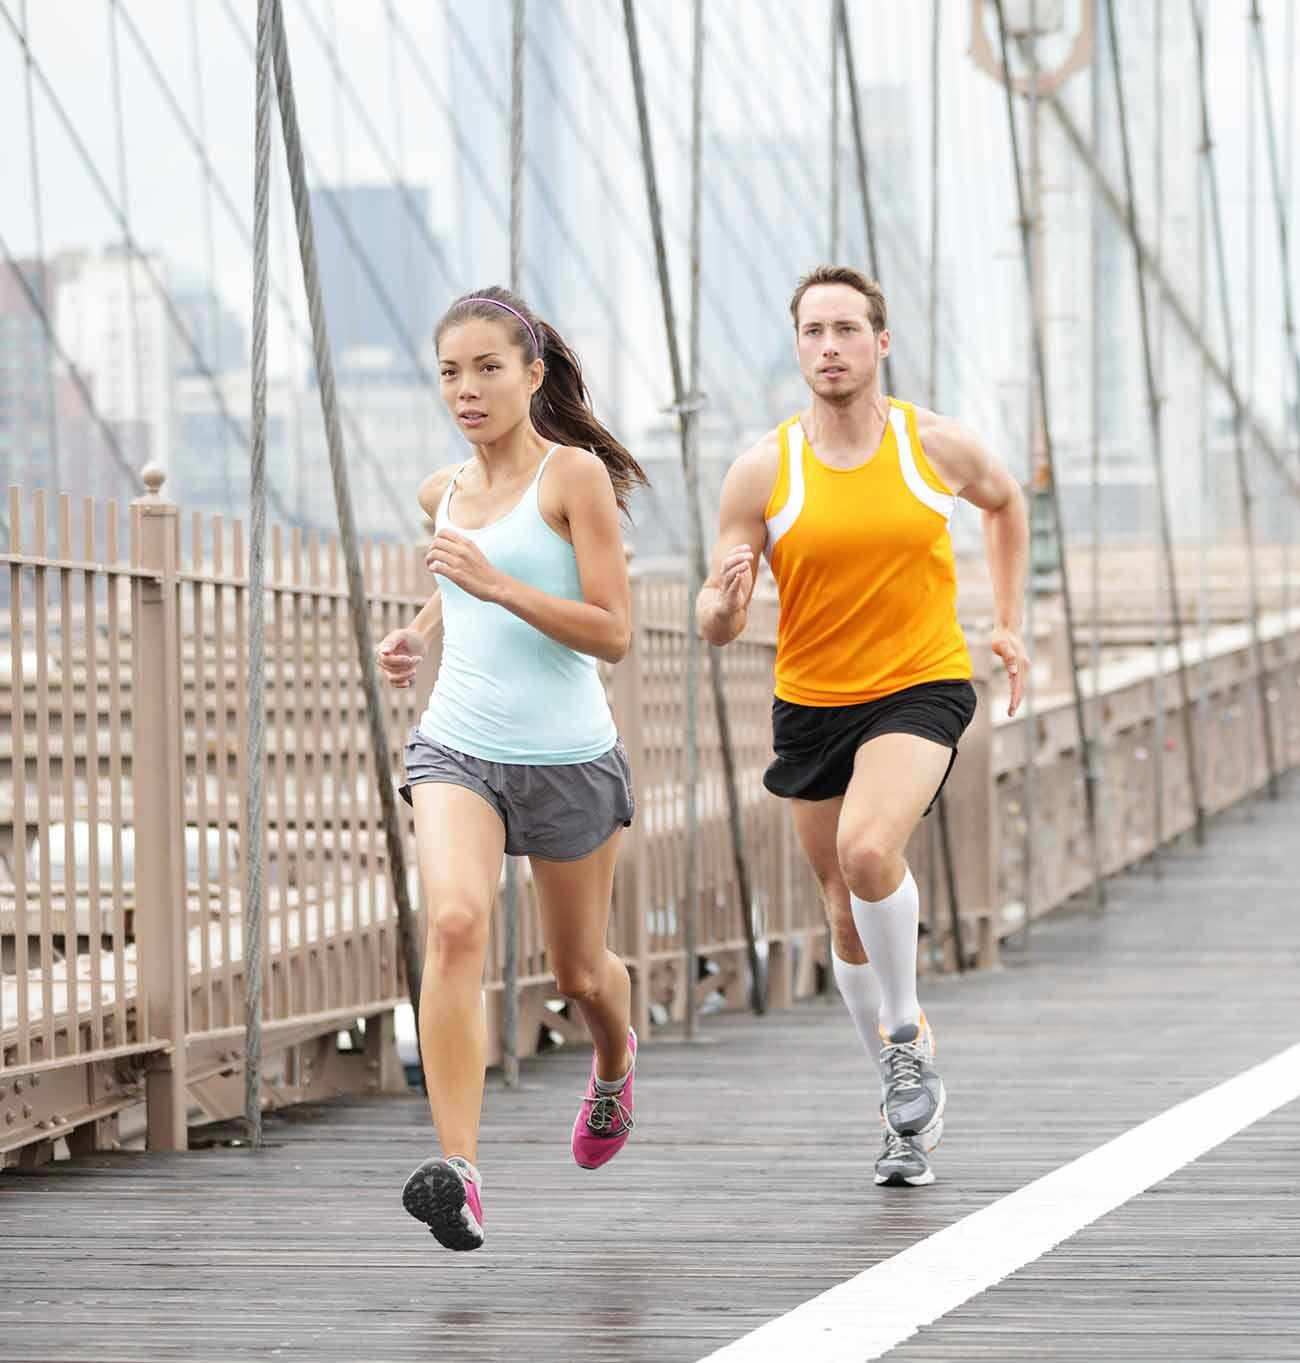 Финишная прямая: важные лайфхаки и советы перед марафоном